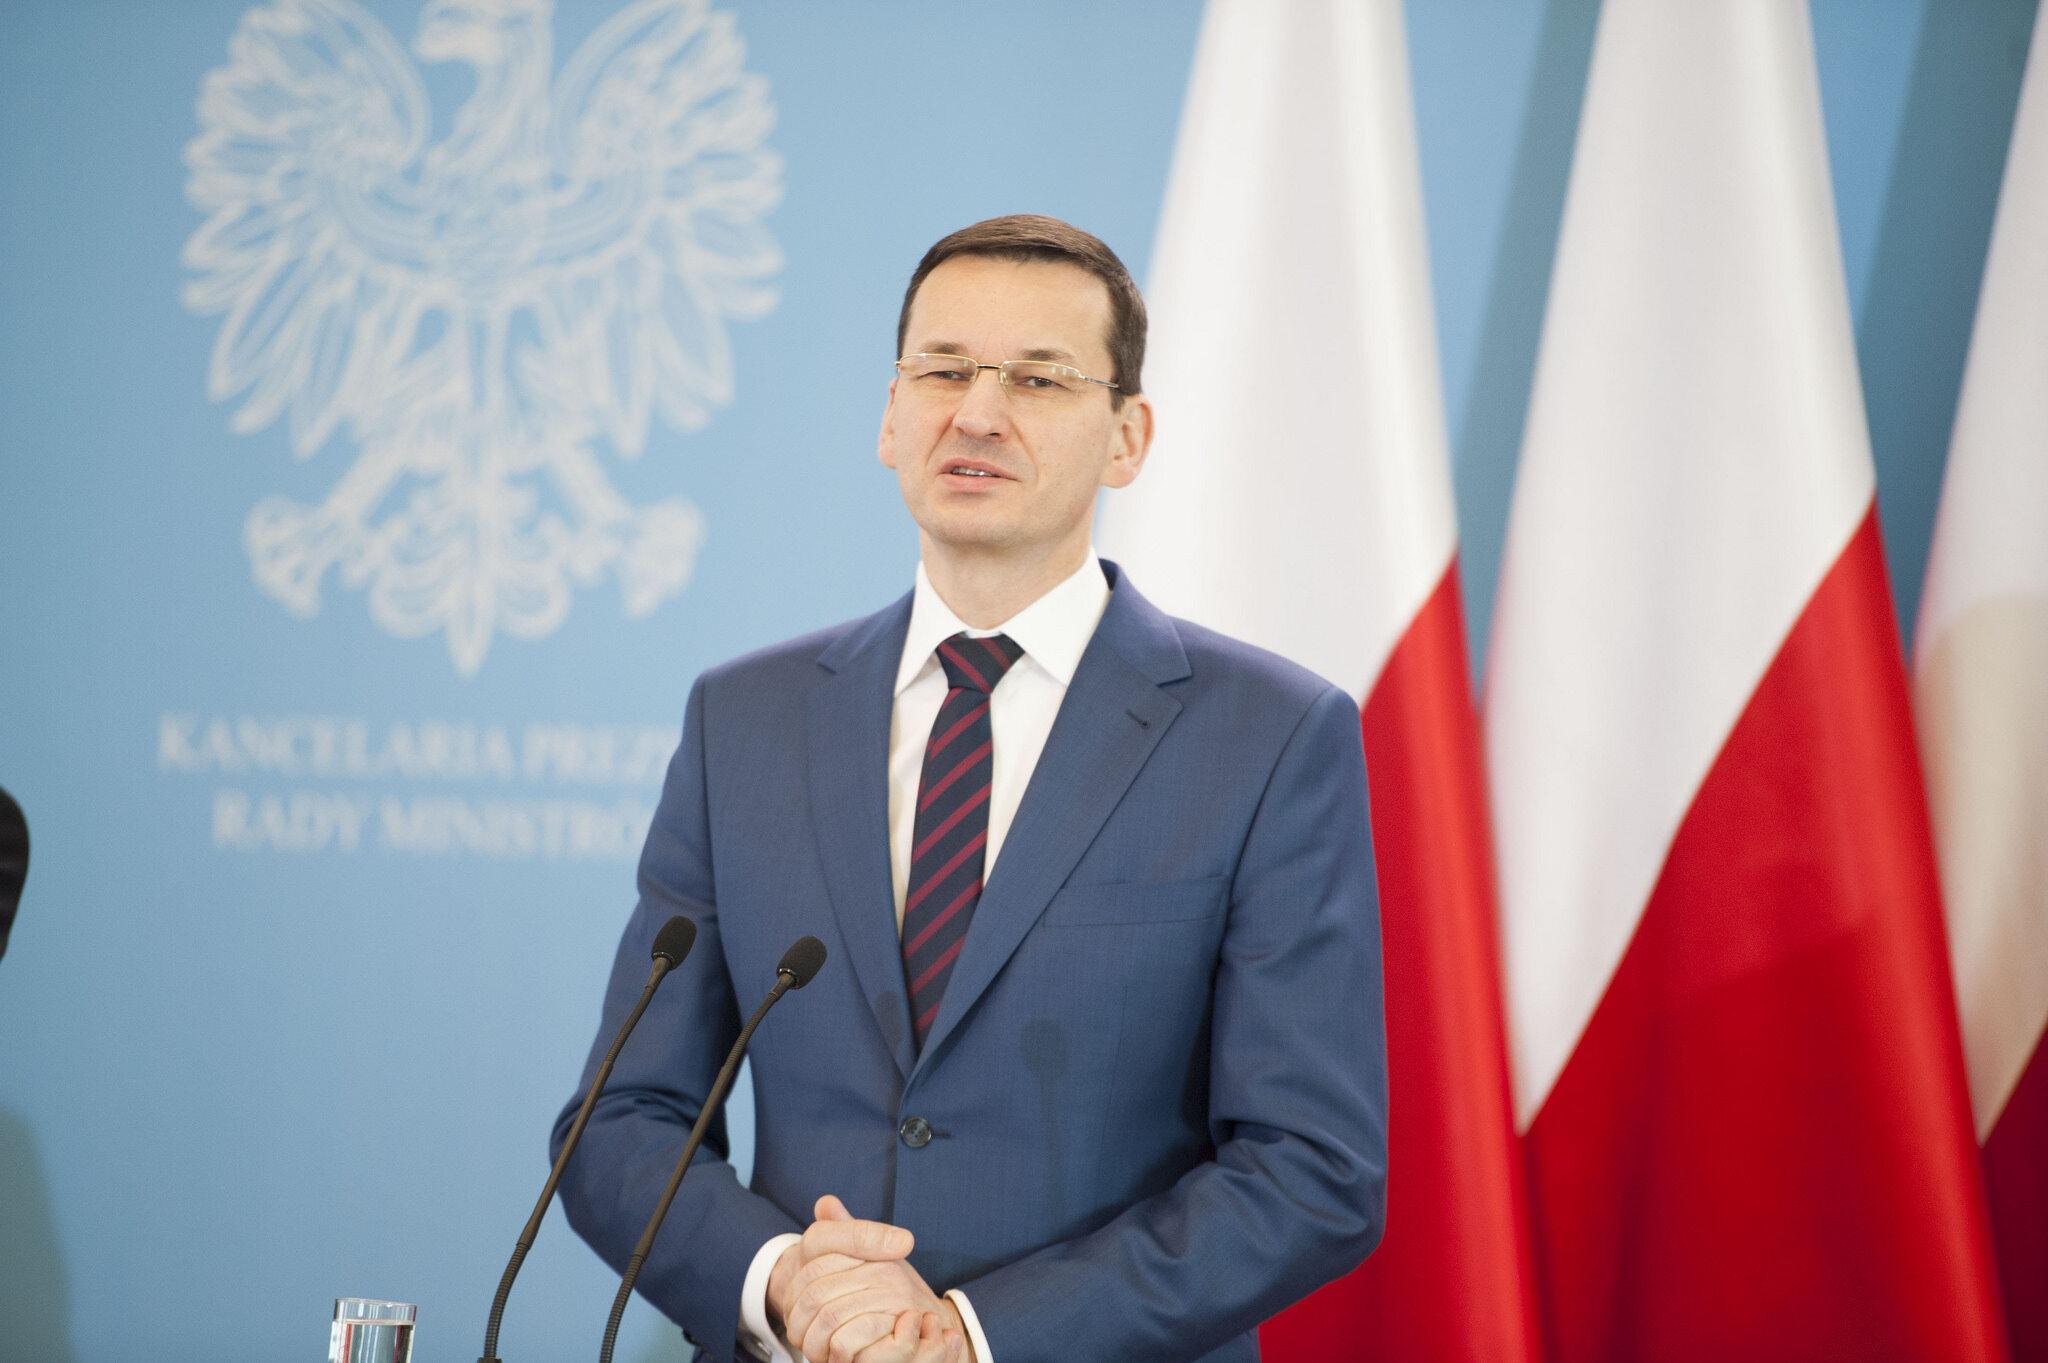 Mateusz Morawiecki, wicepremier, minister rozwoju i finansów